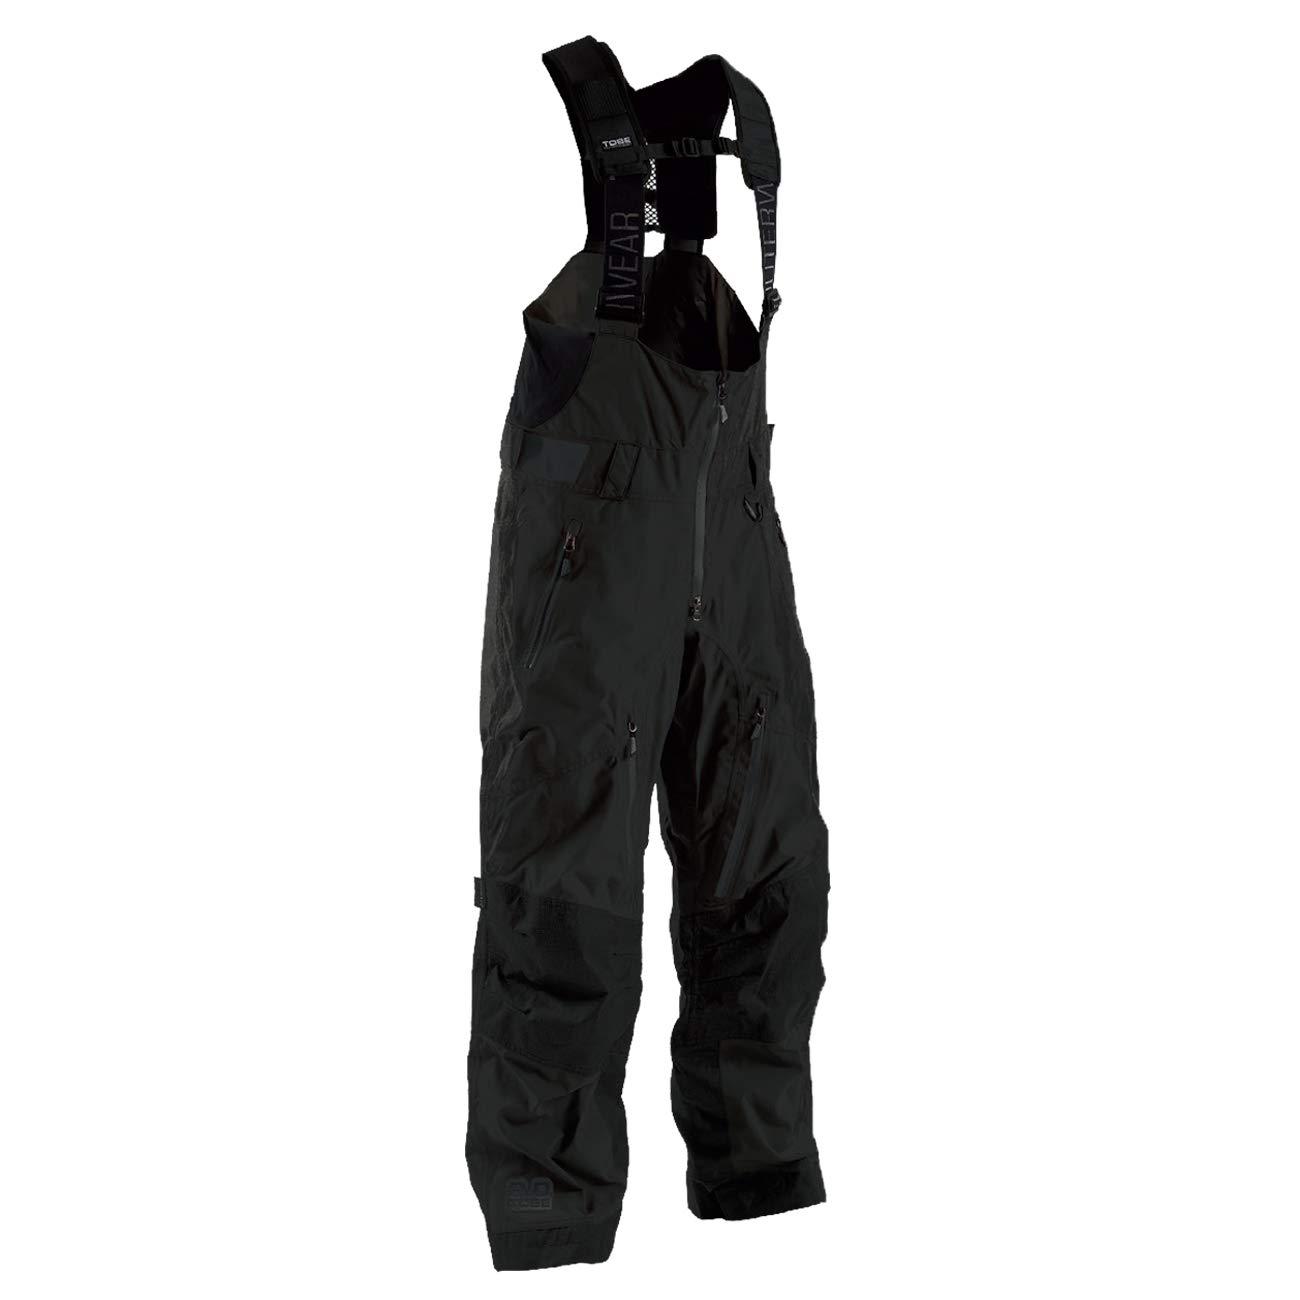 芸能人愛用 TOBE Outerwear Outerwear OUTERWEAR B07HGJNPGW メンズ B07HGJNPGW CFBlack X-Small|CFBlack CFBlack X-Small, dazzystore(デイジーストア):bc4b1b5c --- ballyshannonshow.com